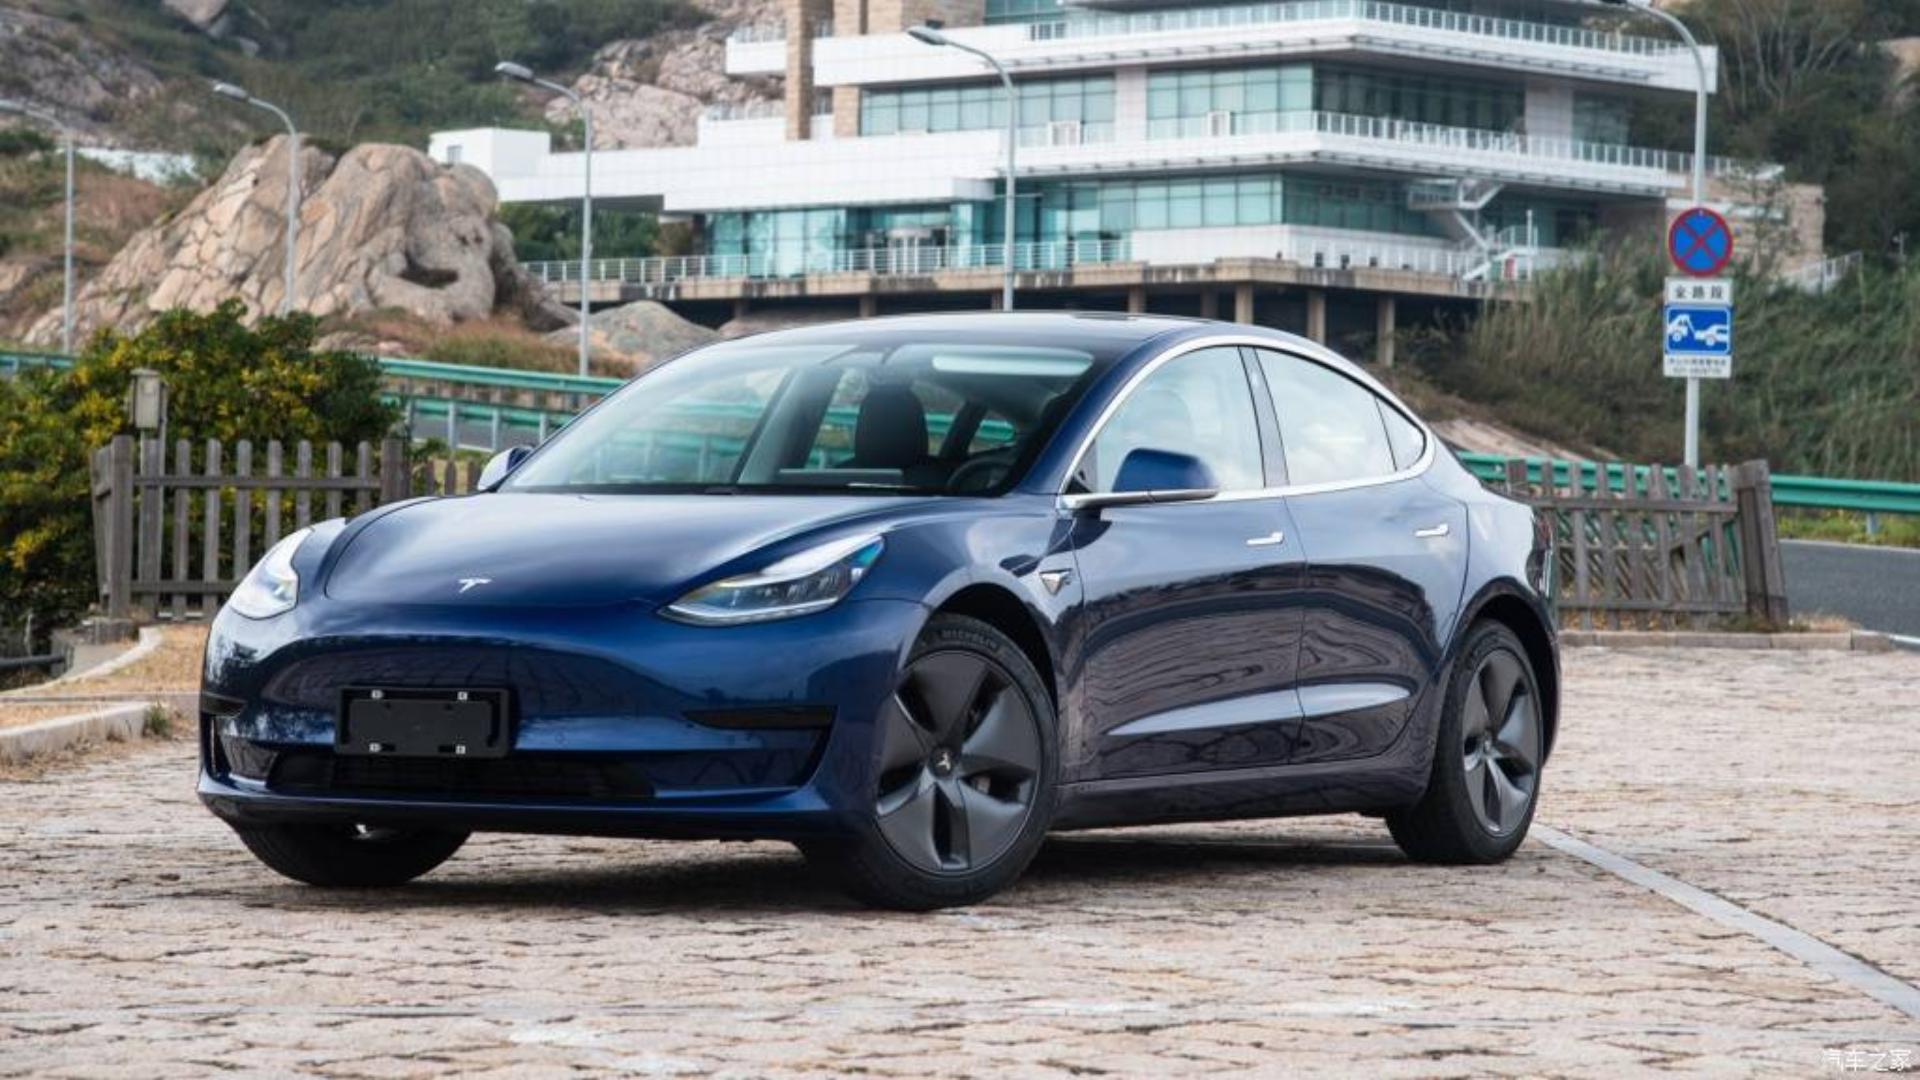 「汽车V报」国产版Model 3售价跌破30万;博越PRO新增1.8T智联型上市-20200103